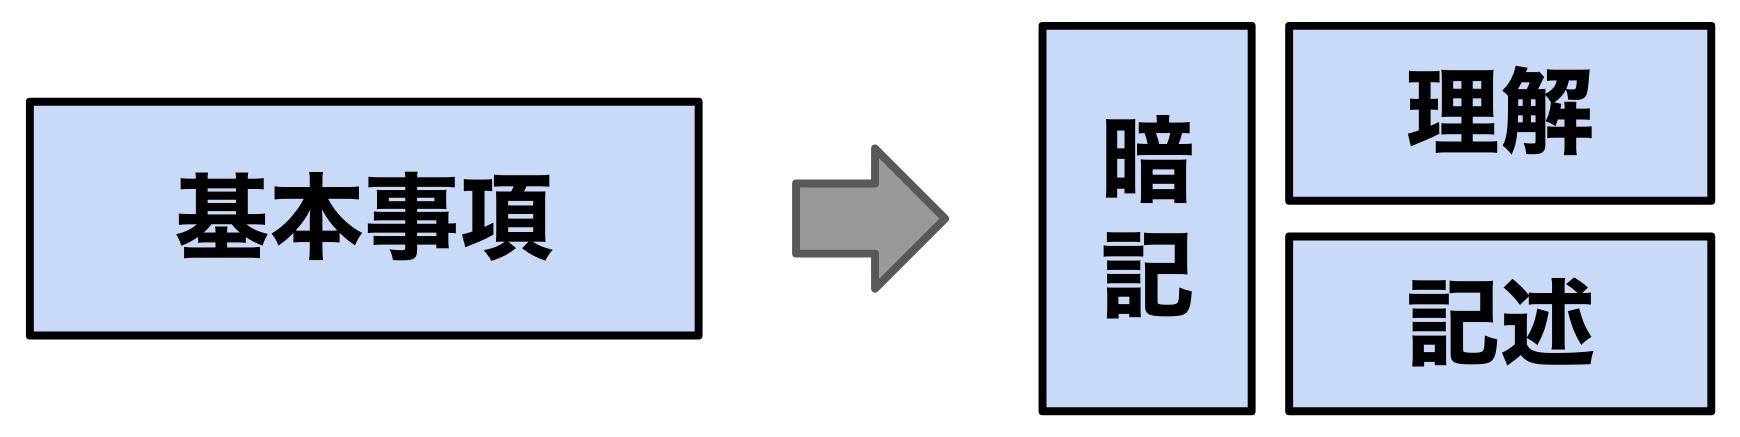 基本事項を分解した図